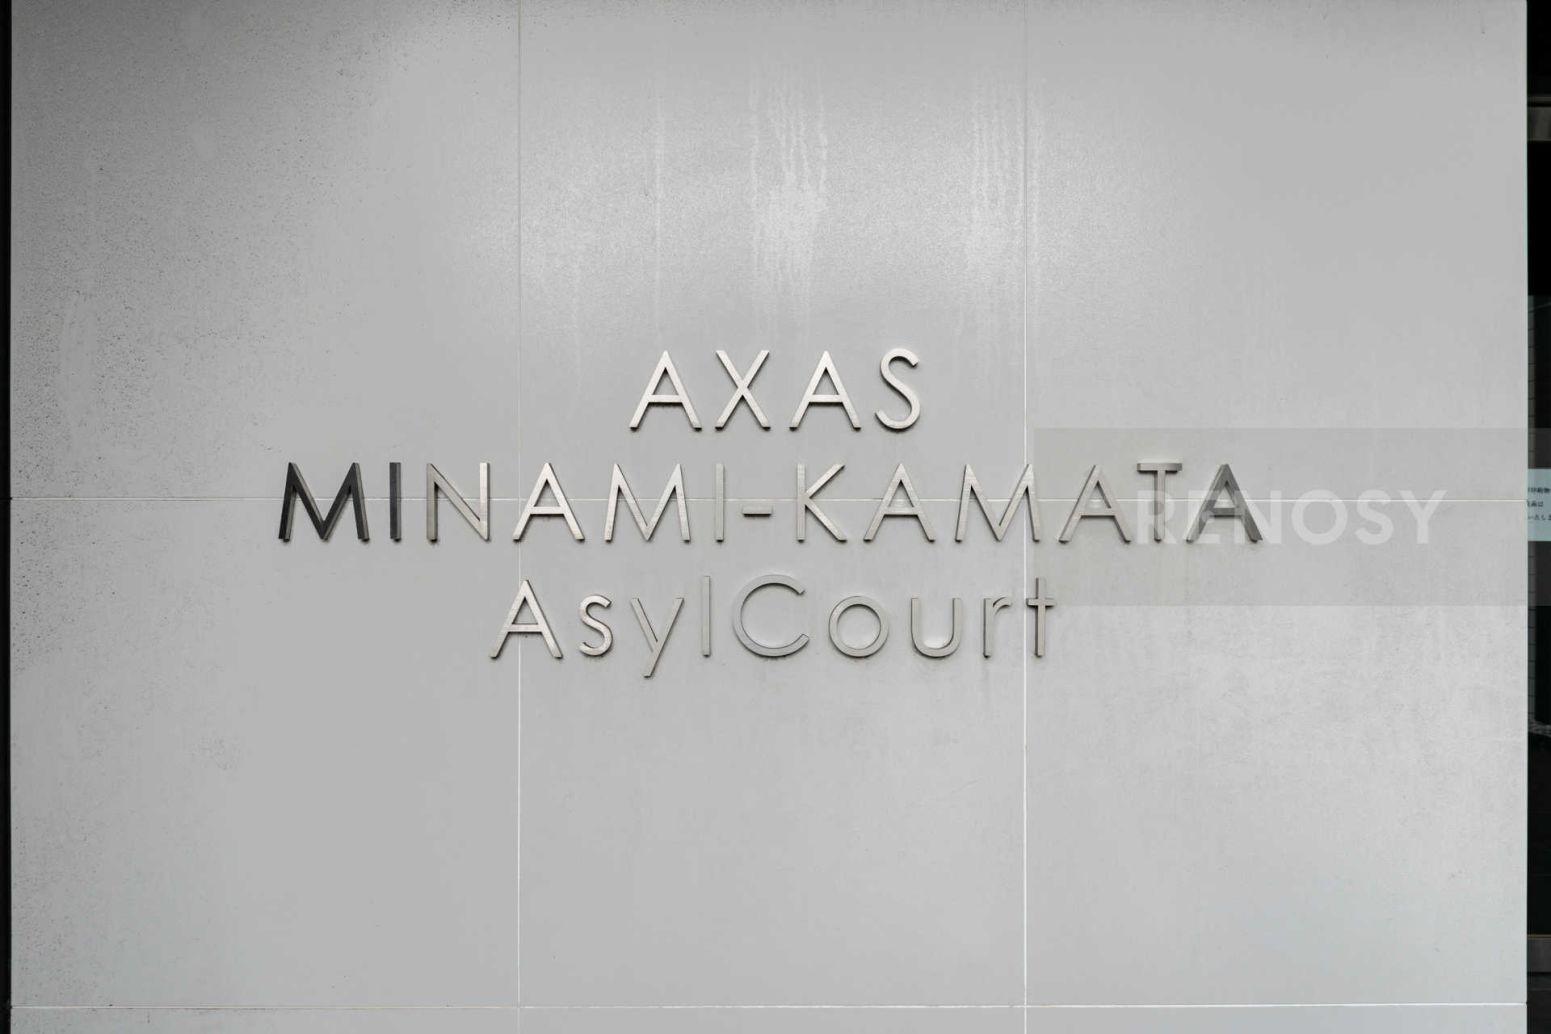 AXAS南蒲田アジールコート